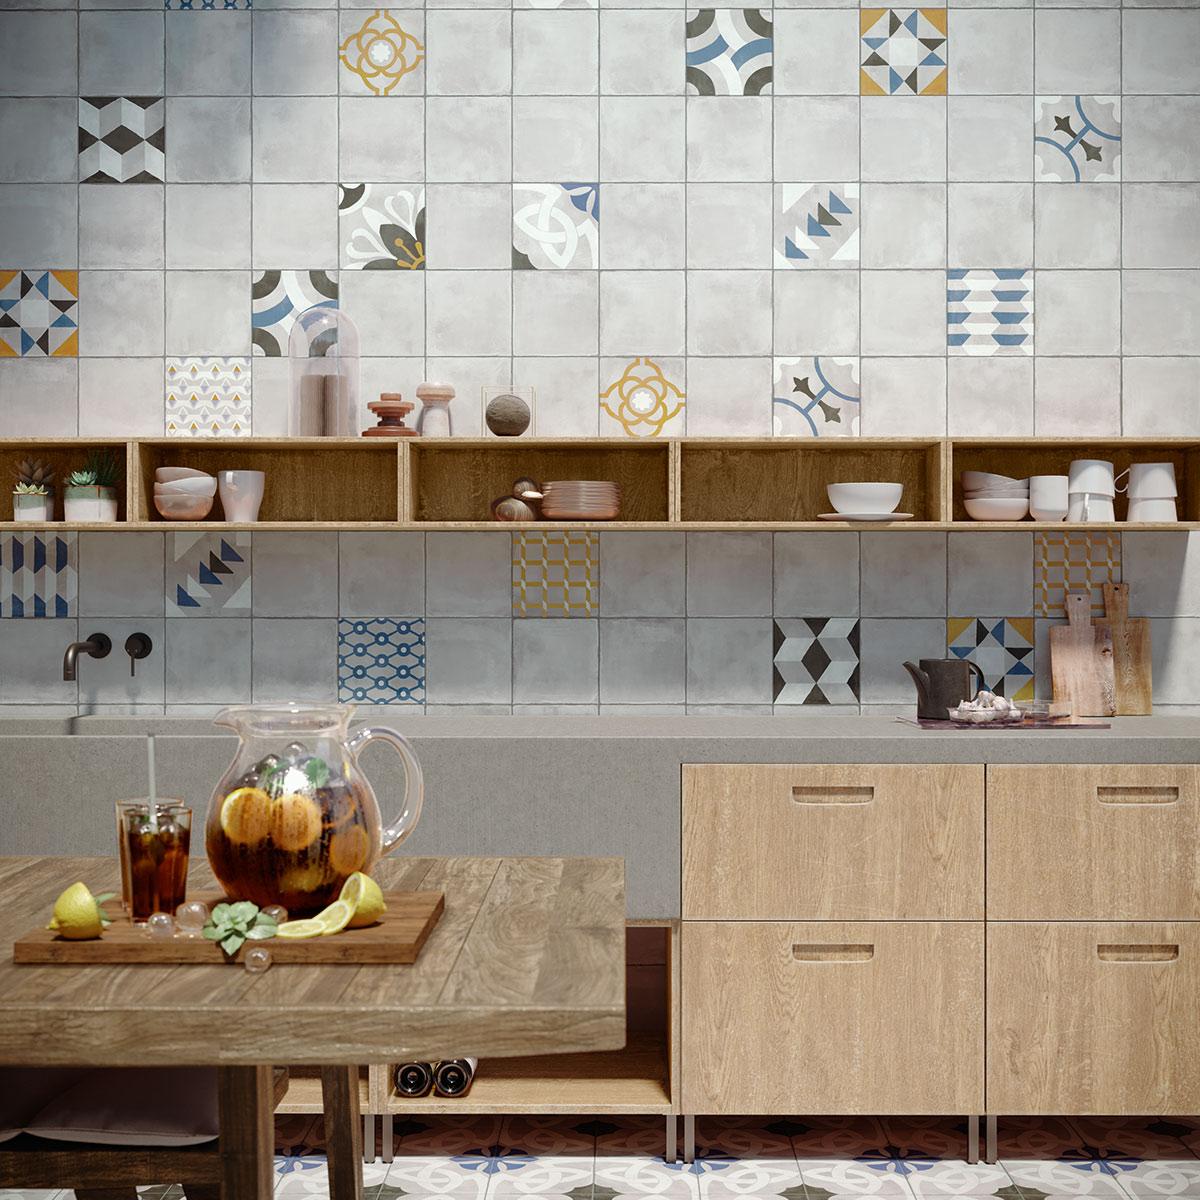 Neue Küchenideen mit Fliesen | Deutsche Fliese